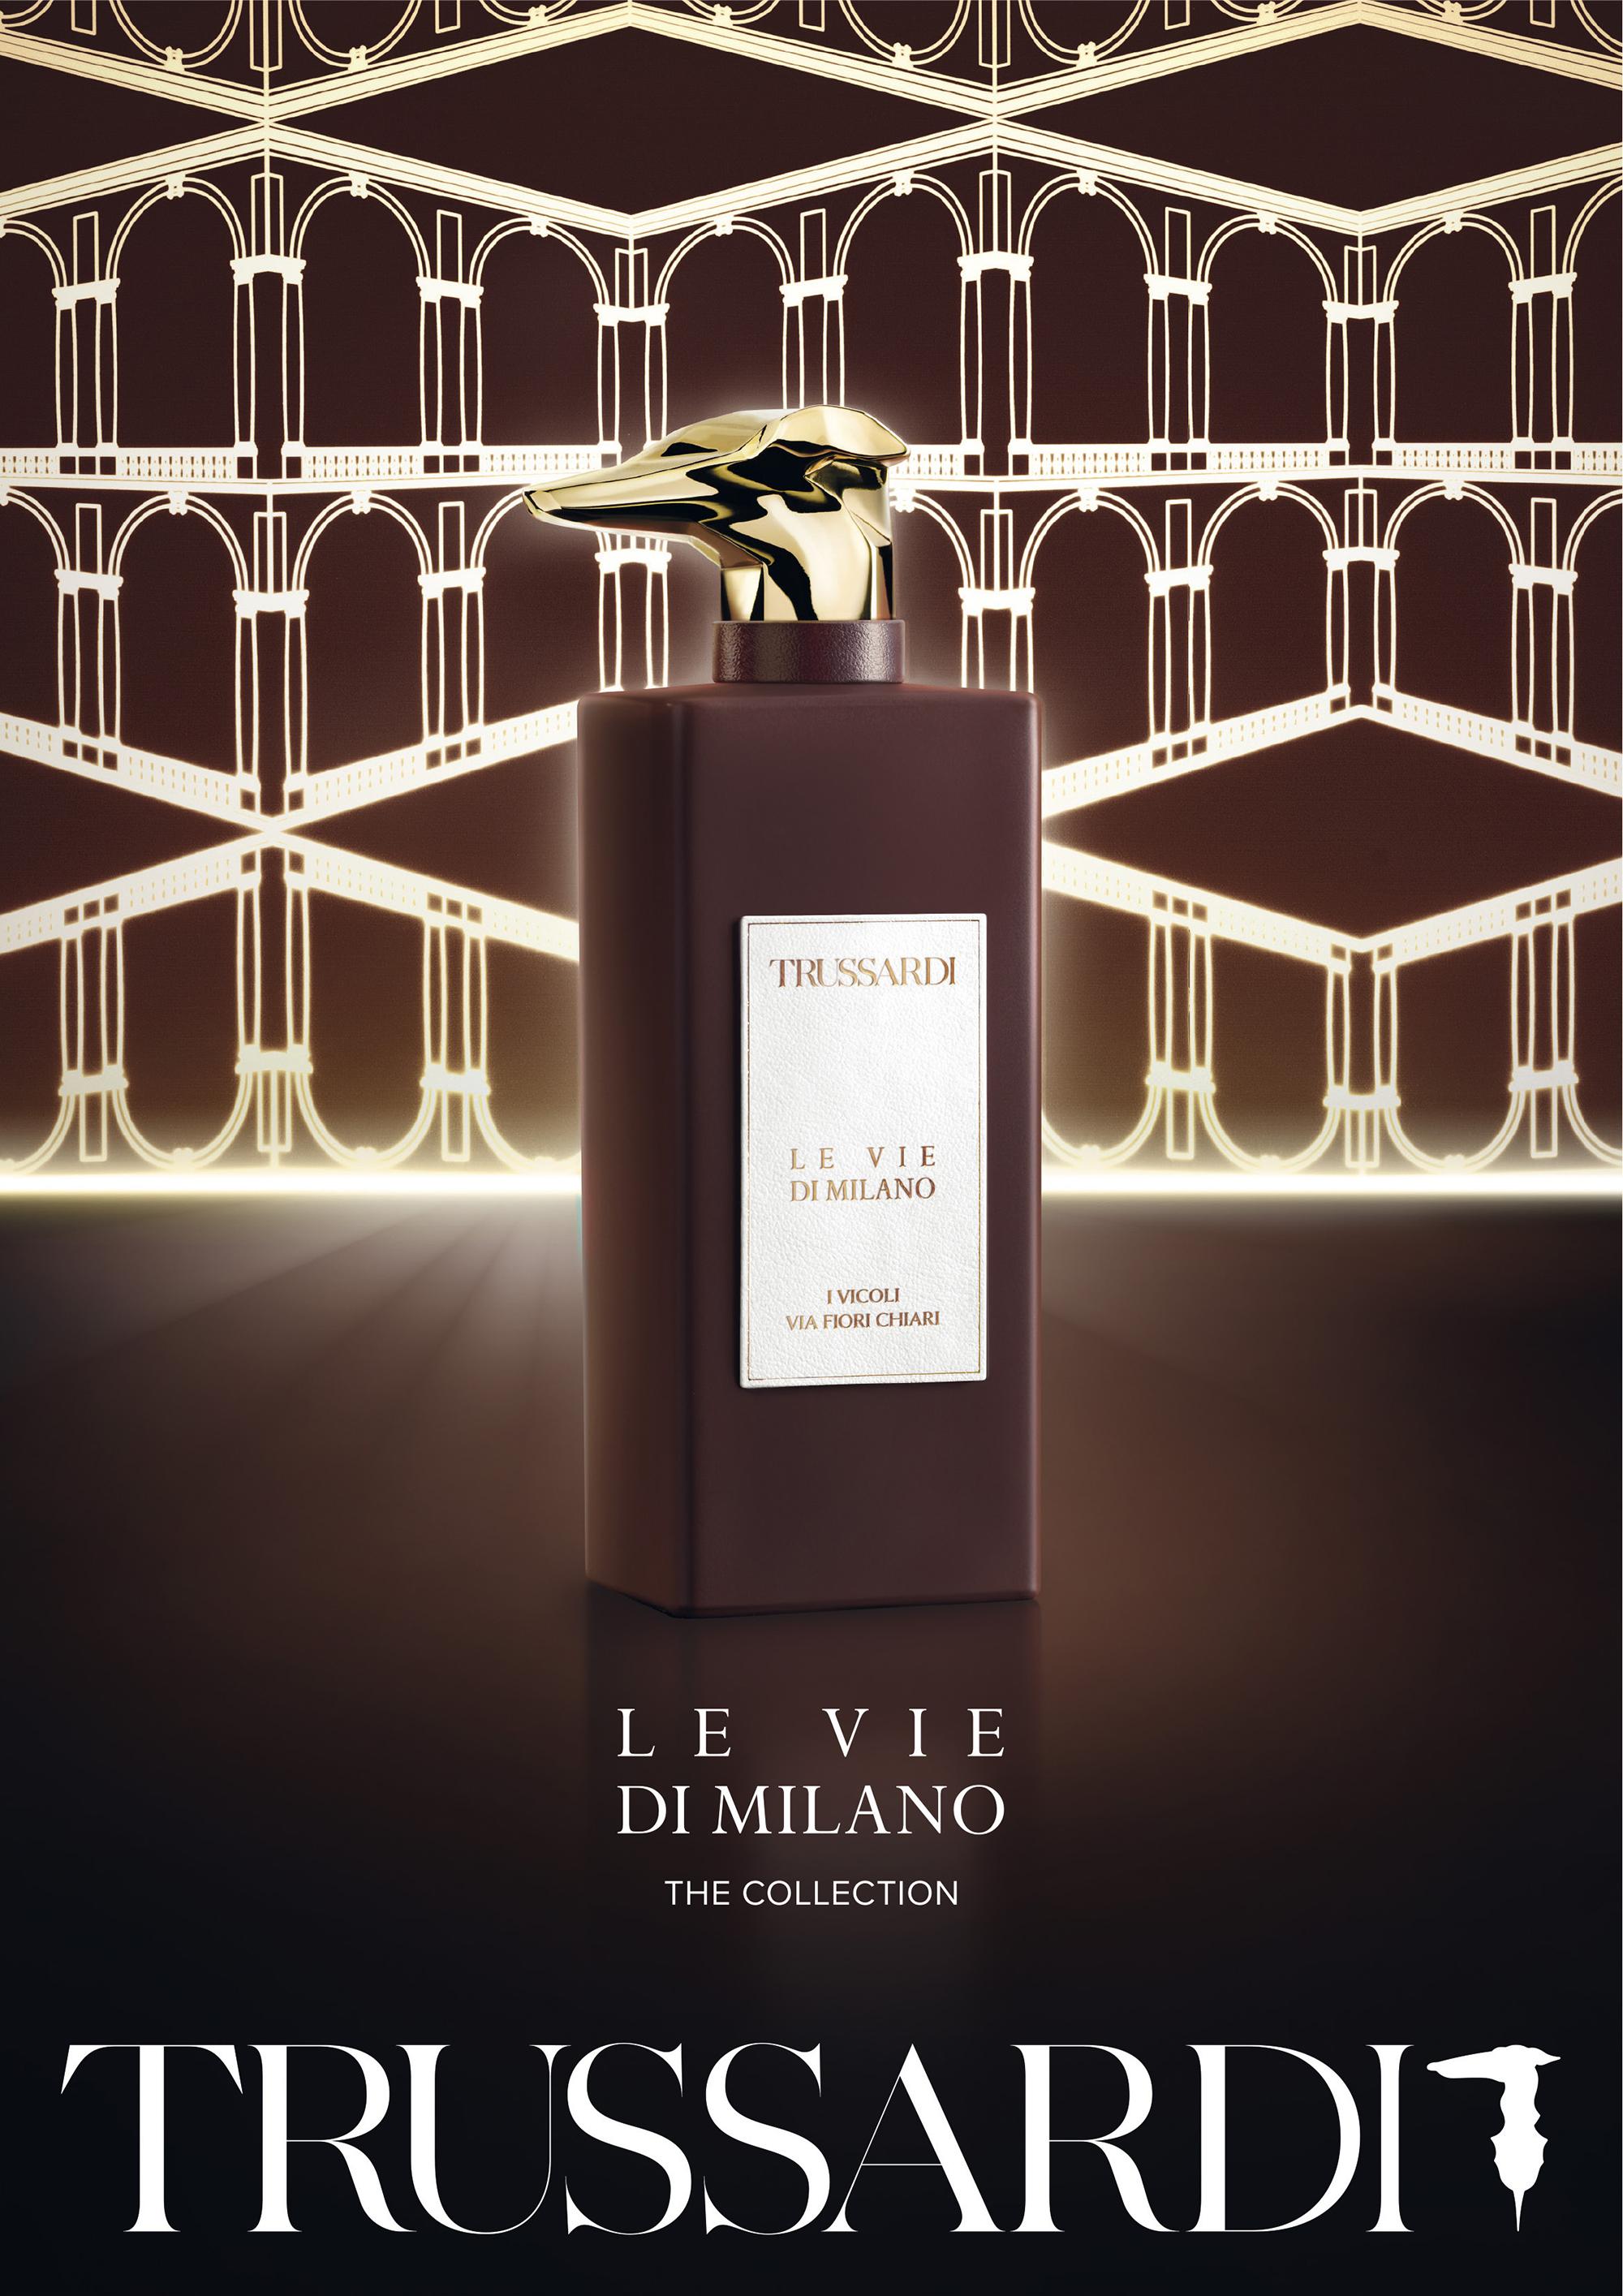 Fiori Chiari 9.I Vicoli Via Fiori Chiari Trussardi Perfume A New Fragrance For